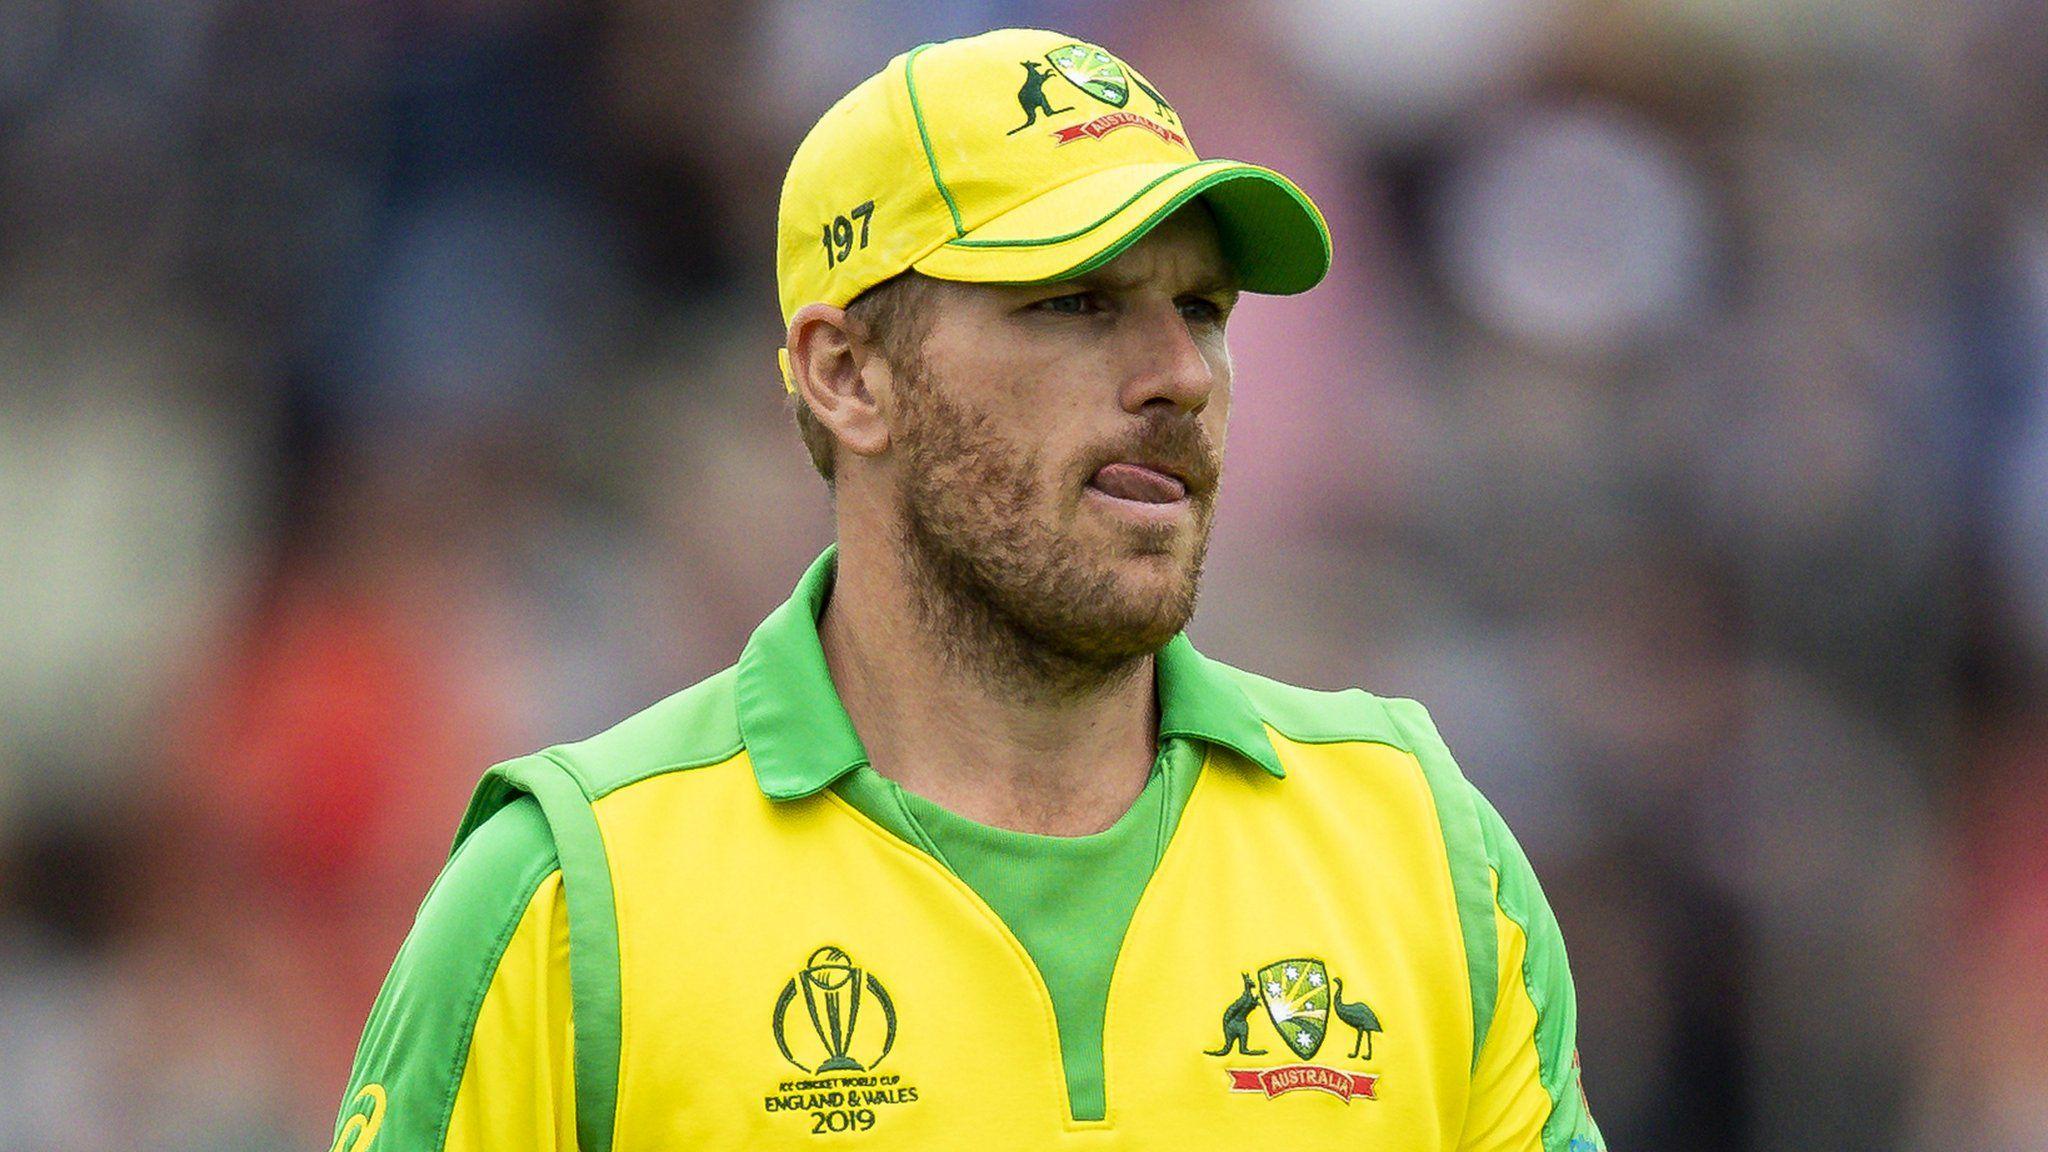 14 जनवरी से शुरु हो रही भारत के खिलाफ वनडे सीरीज के लिए ऑस्ट्रेलियाई कप्तान आरोन फिंच ने बताया गेम प्लान 1